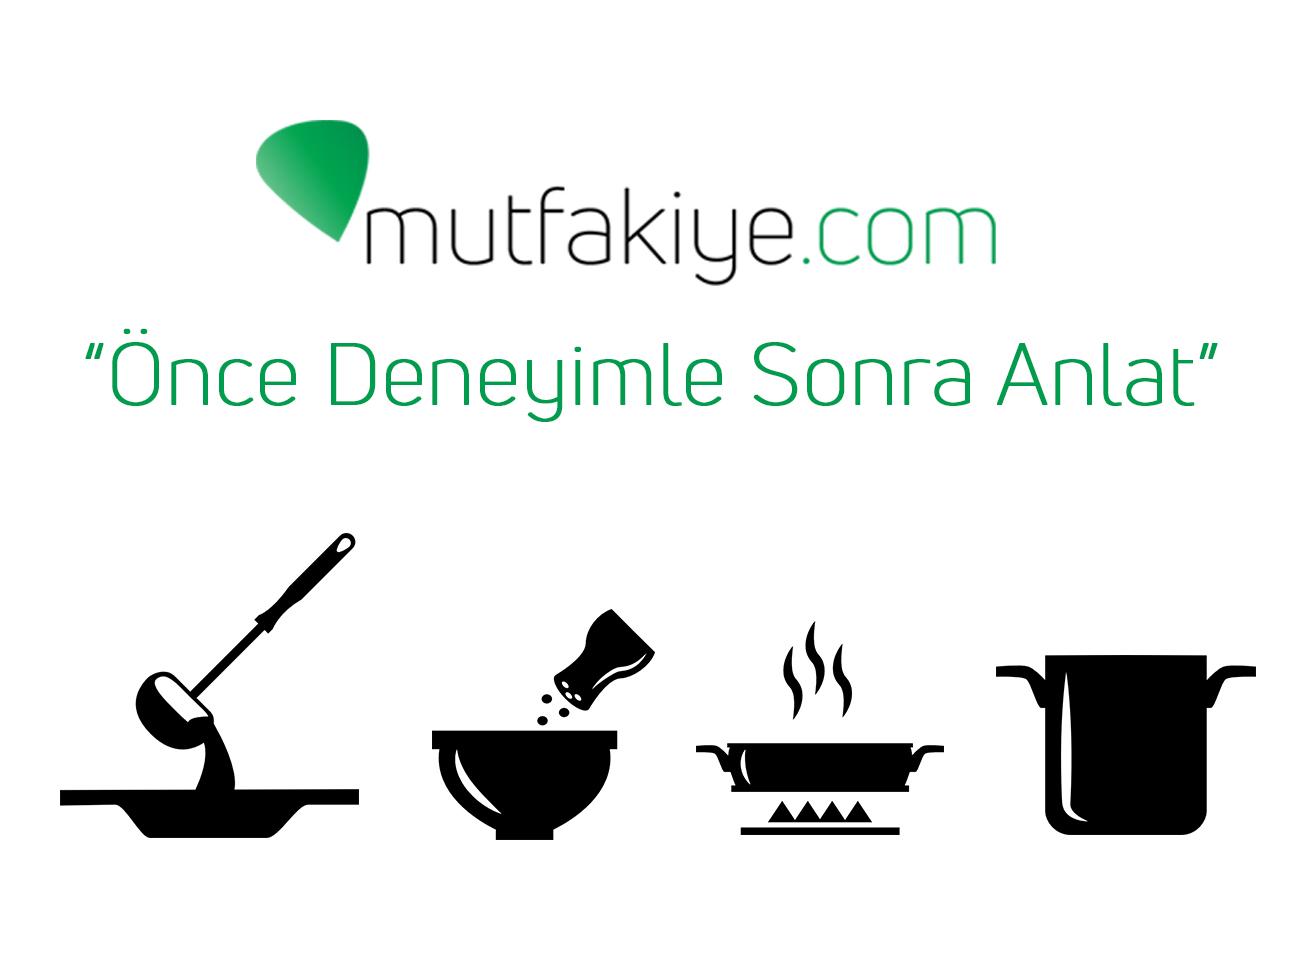 Yemek Tarifi Odağında Yeni Nesil Mecra: Mutfakiye.com